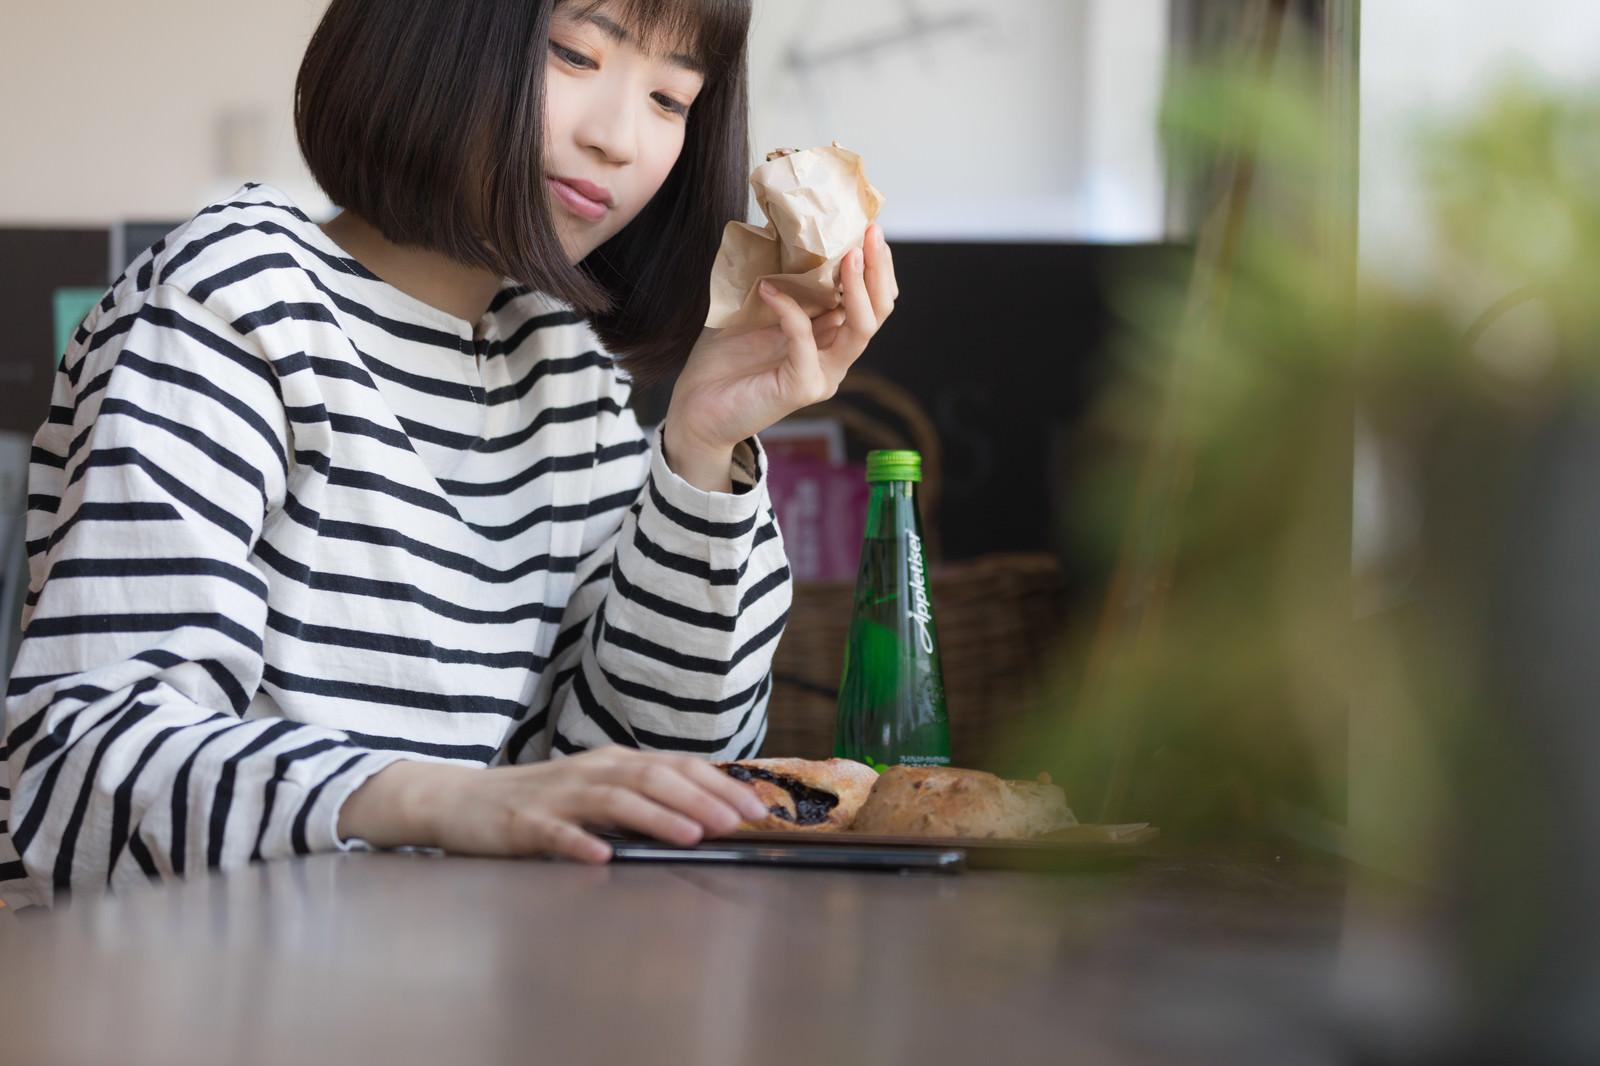 「フードコートでパンを食べながらスマホを見る女性」の写真[モデル:塩田みう]